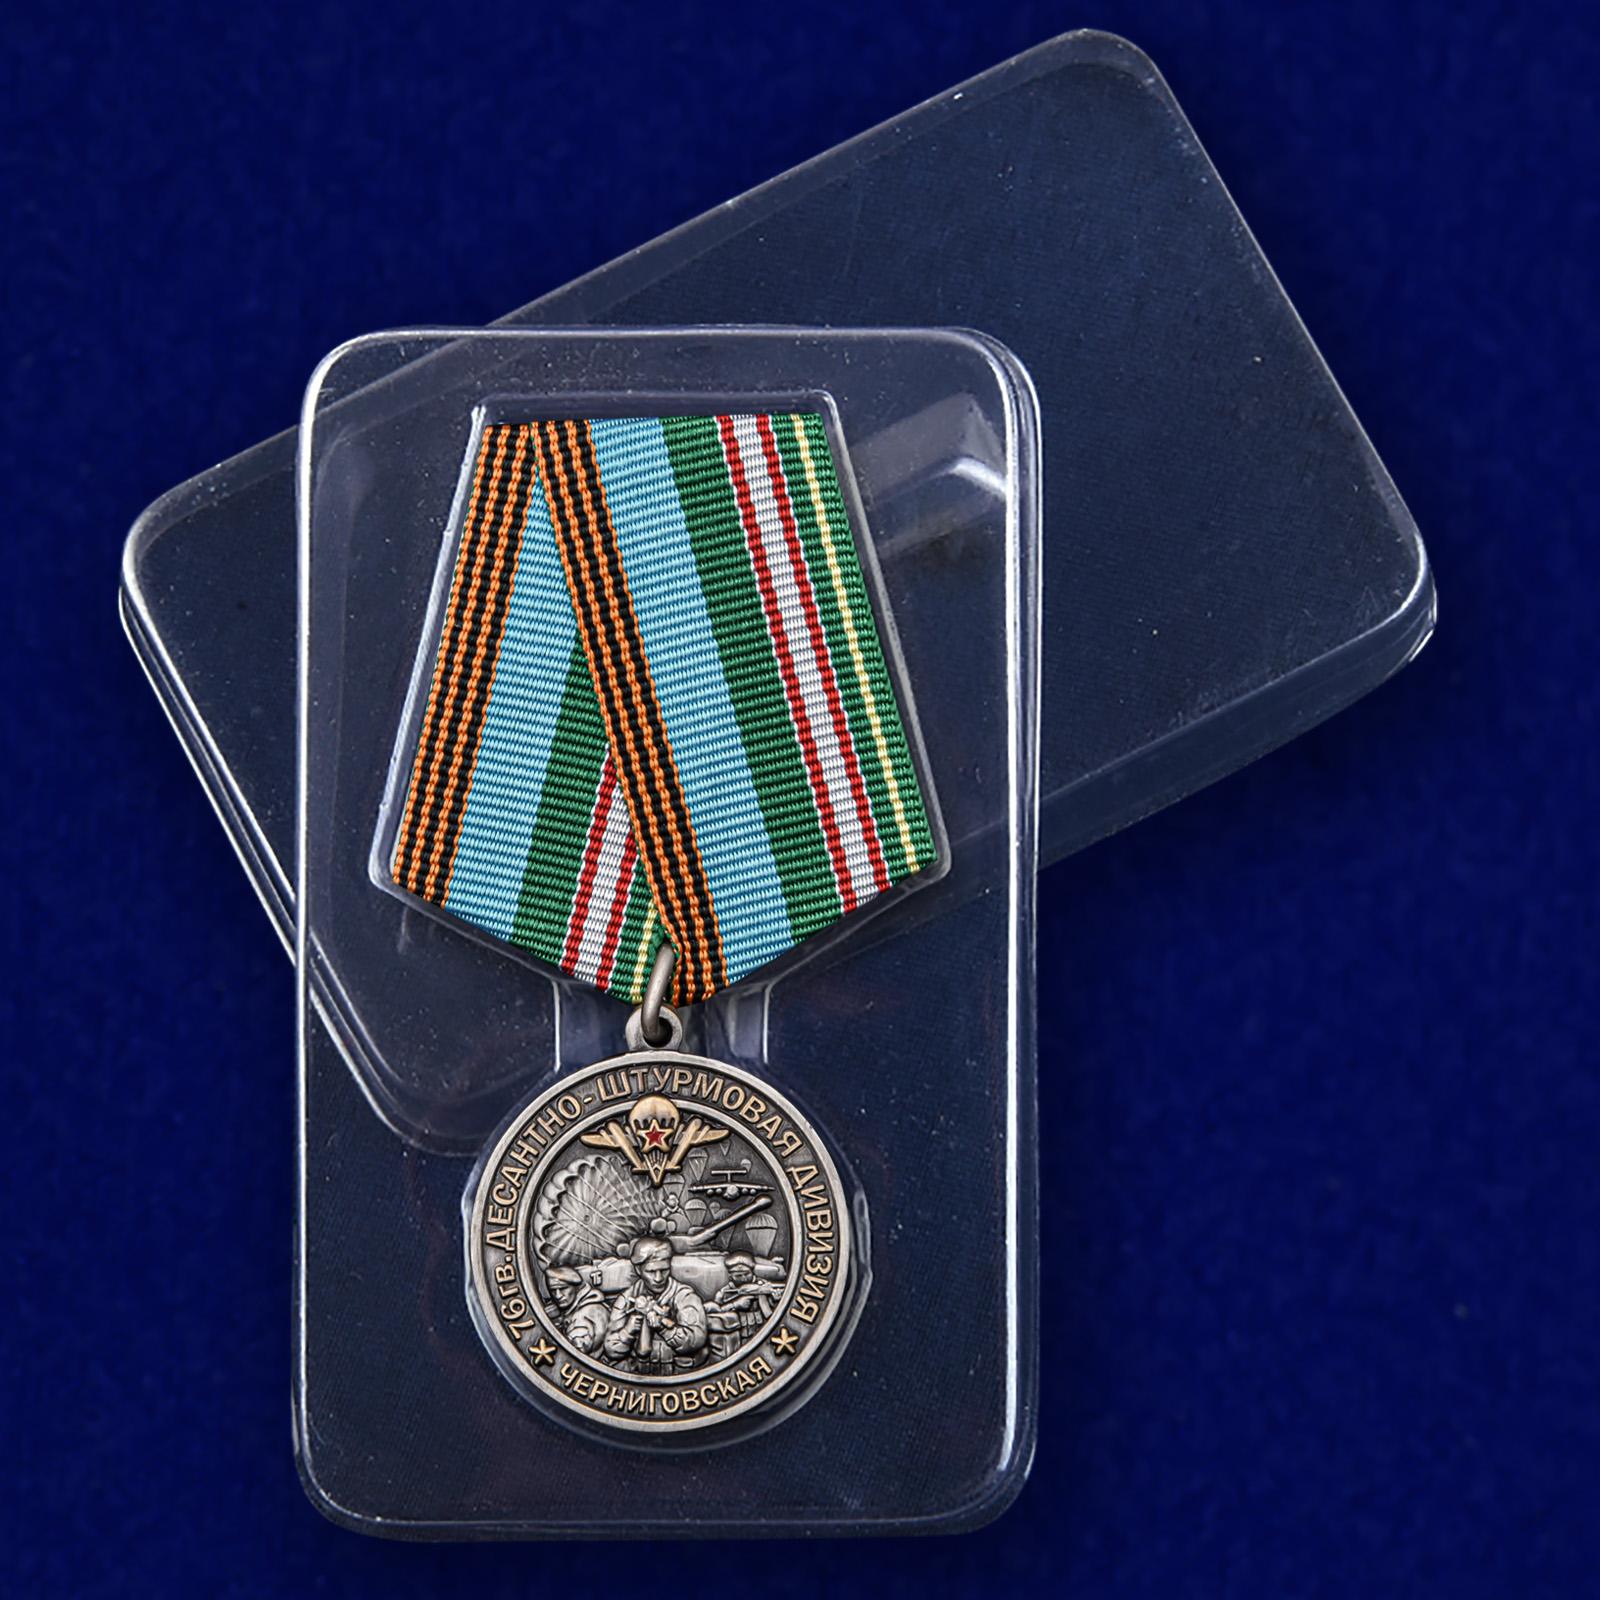 Медаль 76-я гв. Десантно-штурмовая дивизия с доставкой